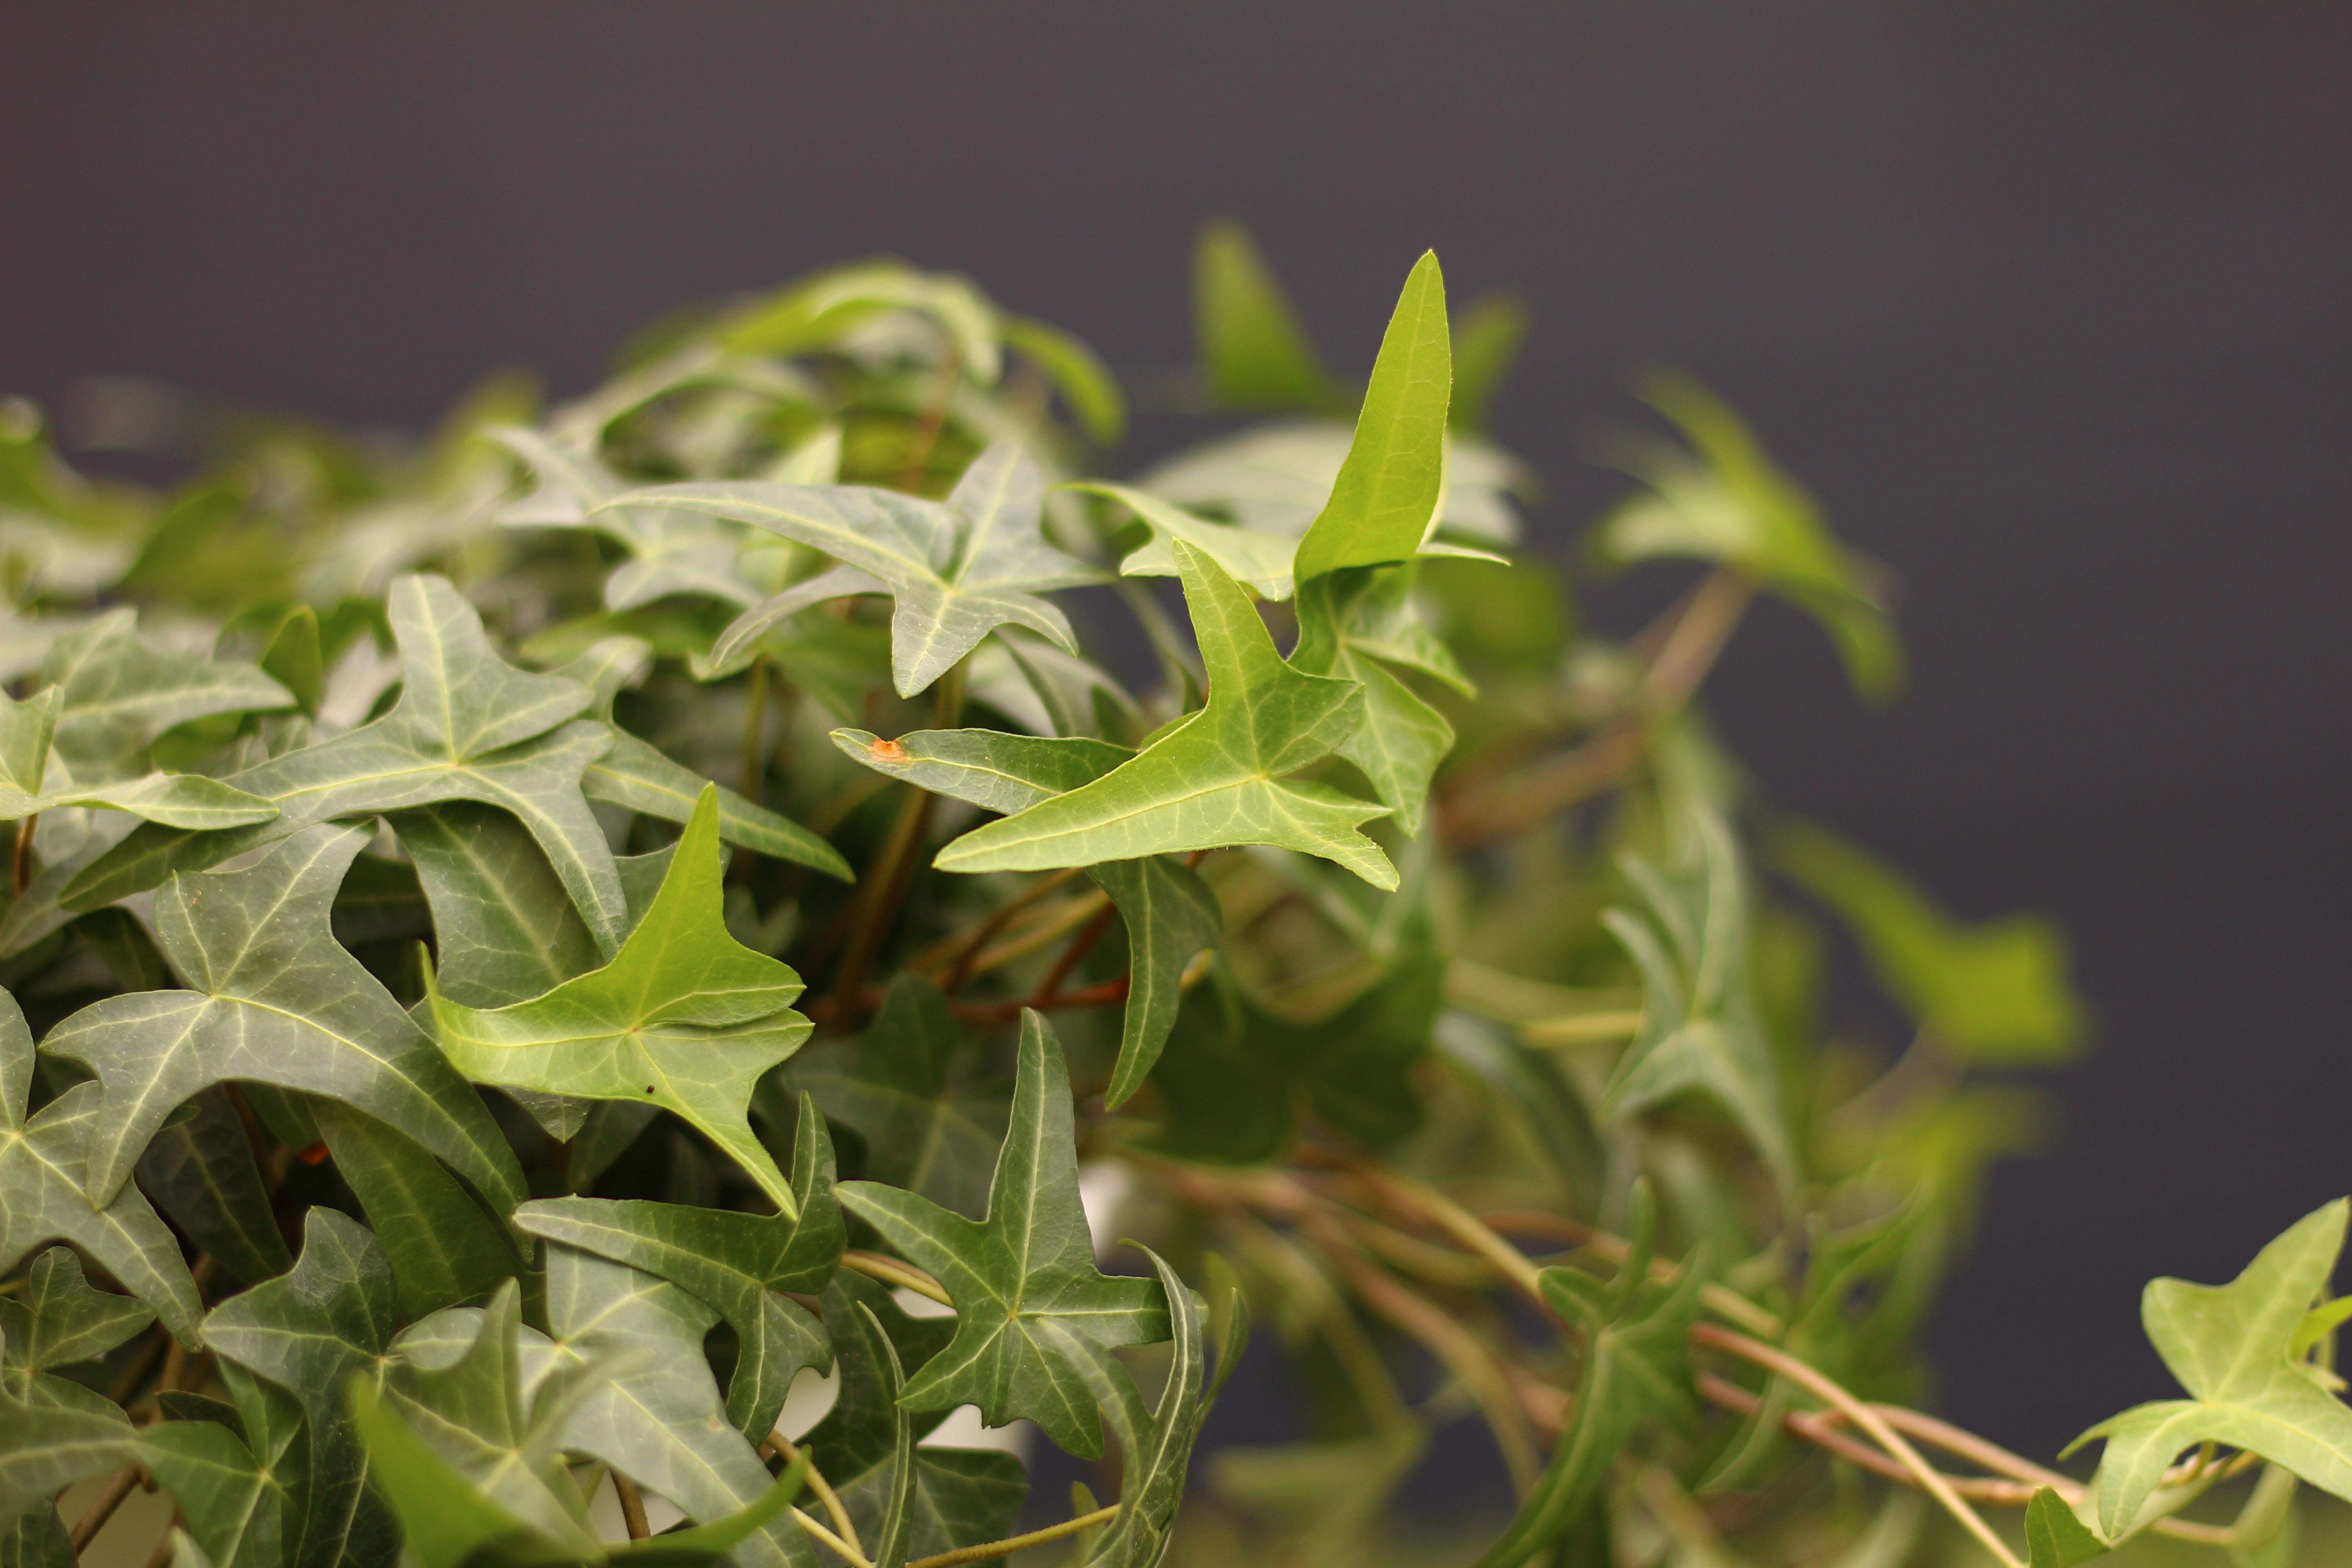 1.通年、常緑を楽しめる アイビーは、ウコギ科の植物です。常緑で周年観賞することができます。